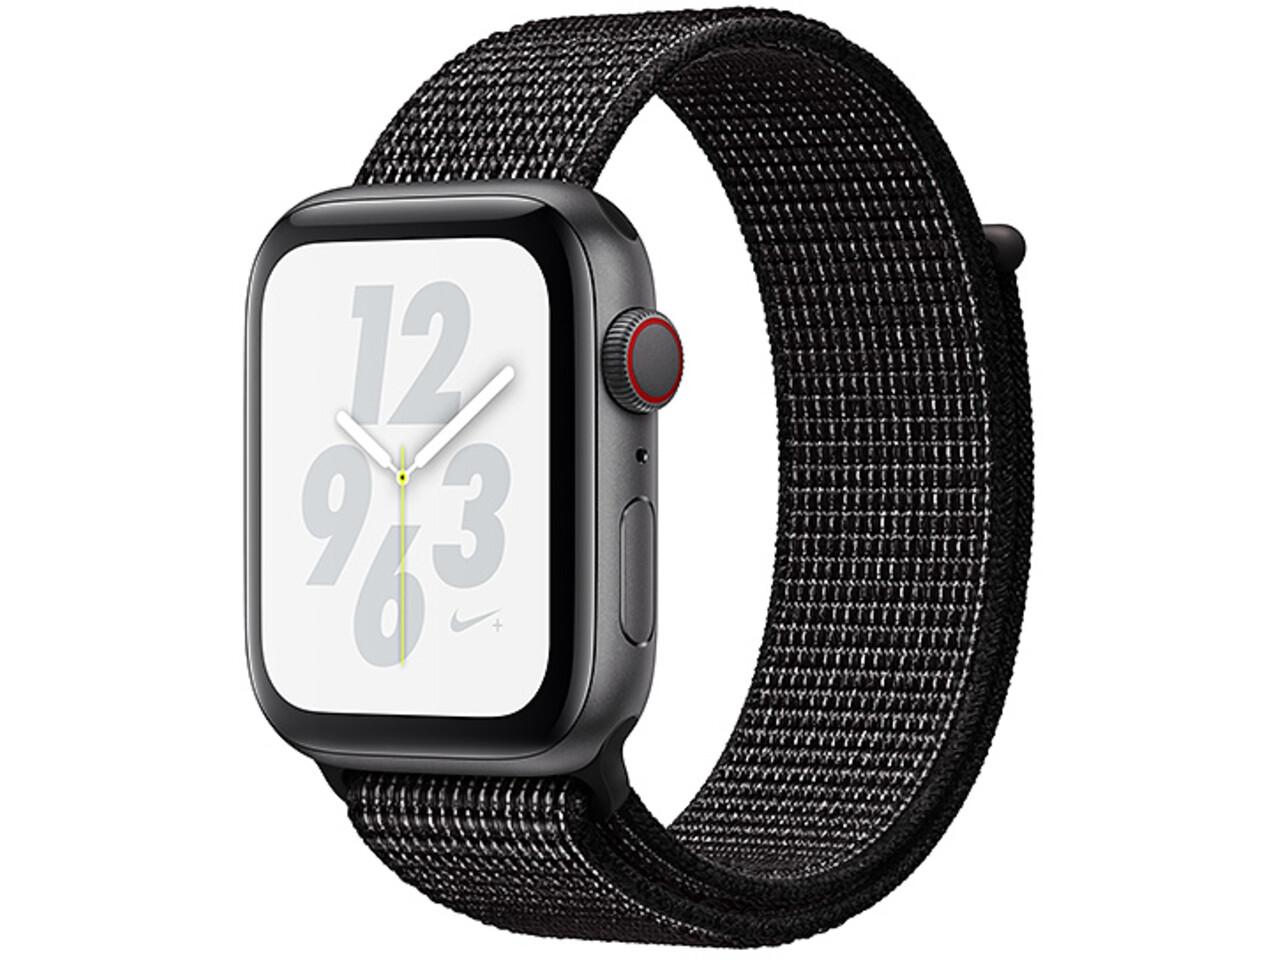 apple watch nike series 4 cellular 44mm space gray aluminum black nike sport loop